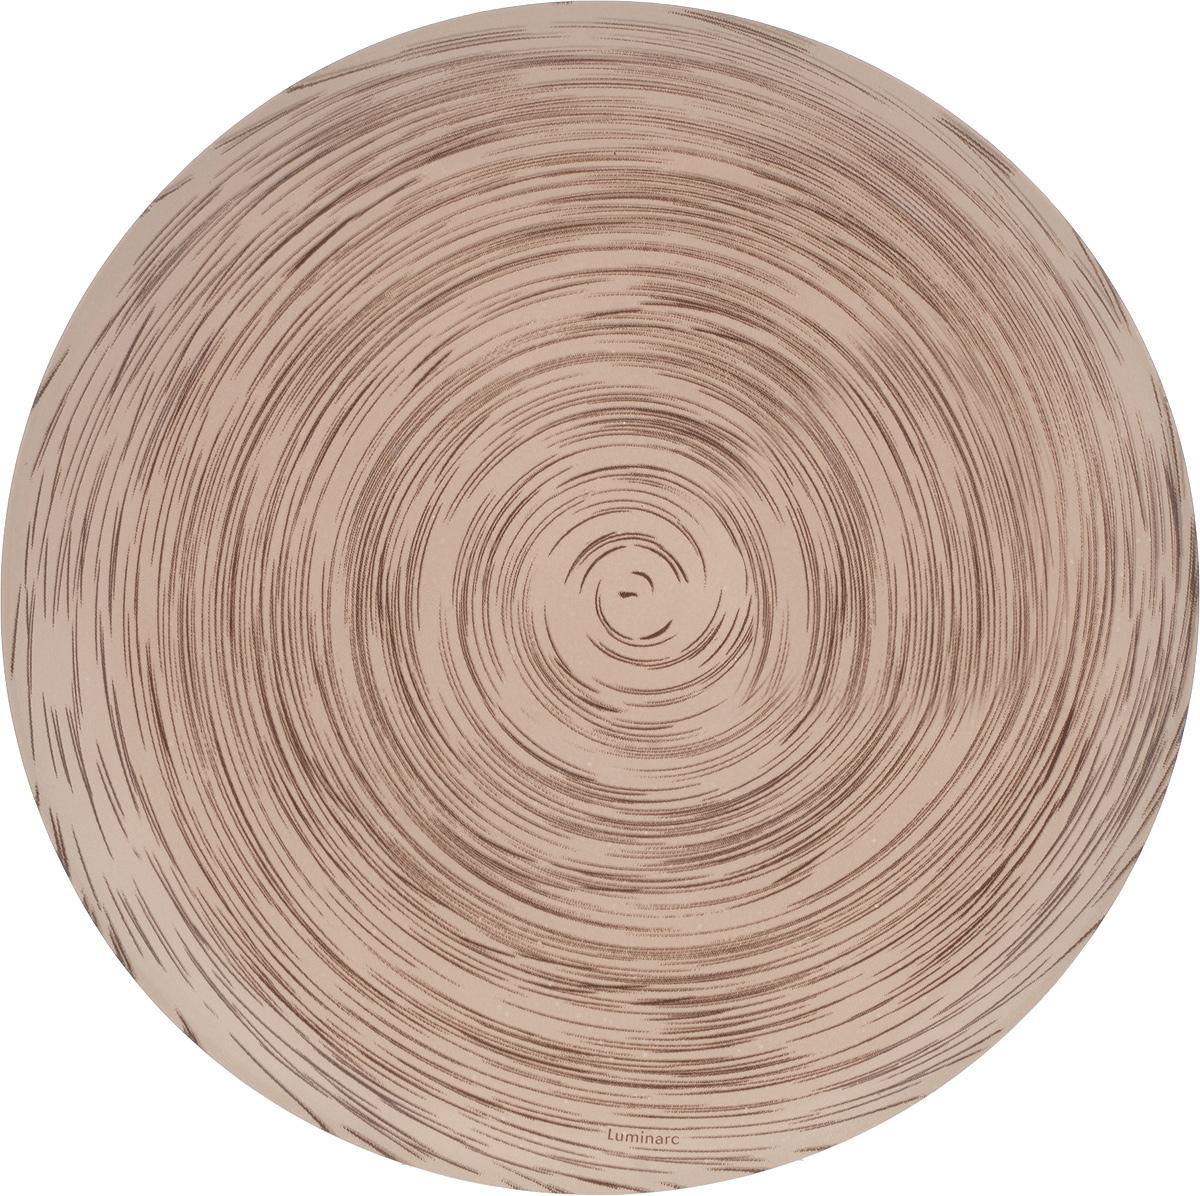 Тарелка десертная Luminarc Stonemania Cappuccino, диаметр 20 см830123 2300Десертная тарелка Luminarc Stonemania Cappuccino, изготовленная из высококачественного стекла, имеет изысканный внешний вид. Такая тарелка прекрасно подходит как для торжественных случаев, так и для повседневного использования. Идеальна для подачи десертов, пирожных, тортов и многого другого. Она прекрасно оформит стол и станет отличным дополнением к вашей коллекции кухонной посуды.Диаметр тарелки: 20 см.Высота тарелки: 1,5 см.